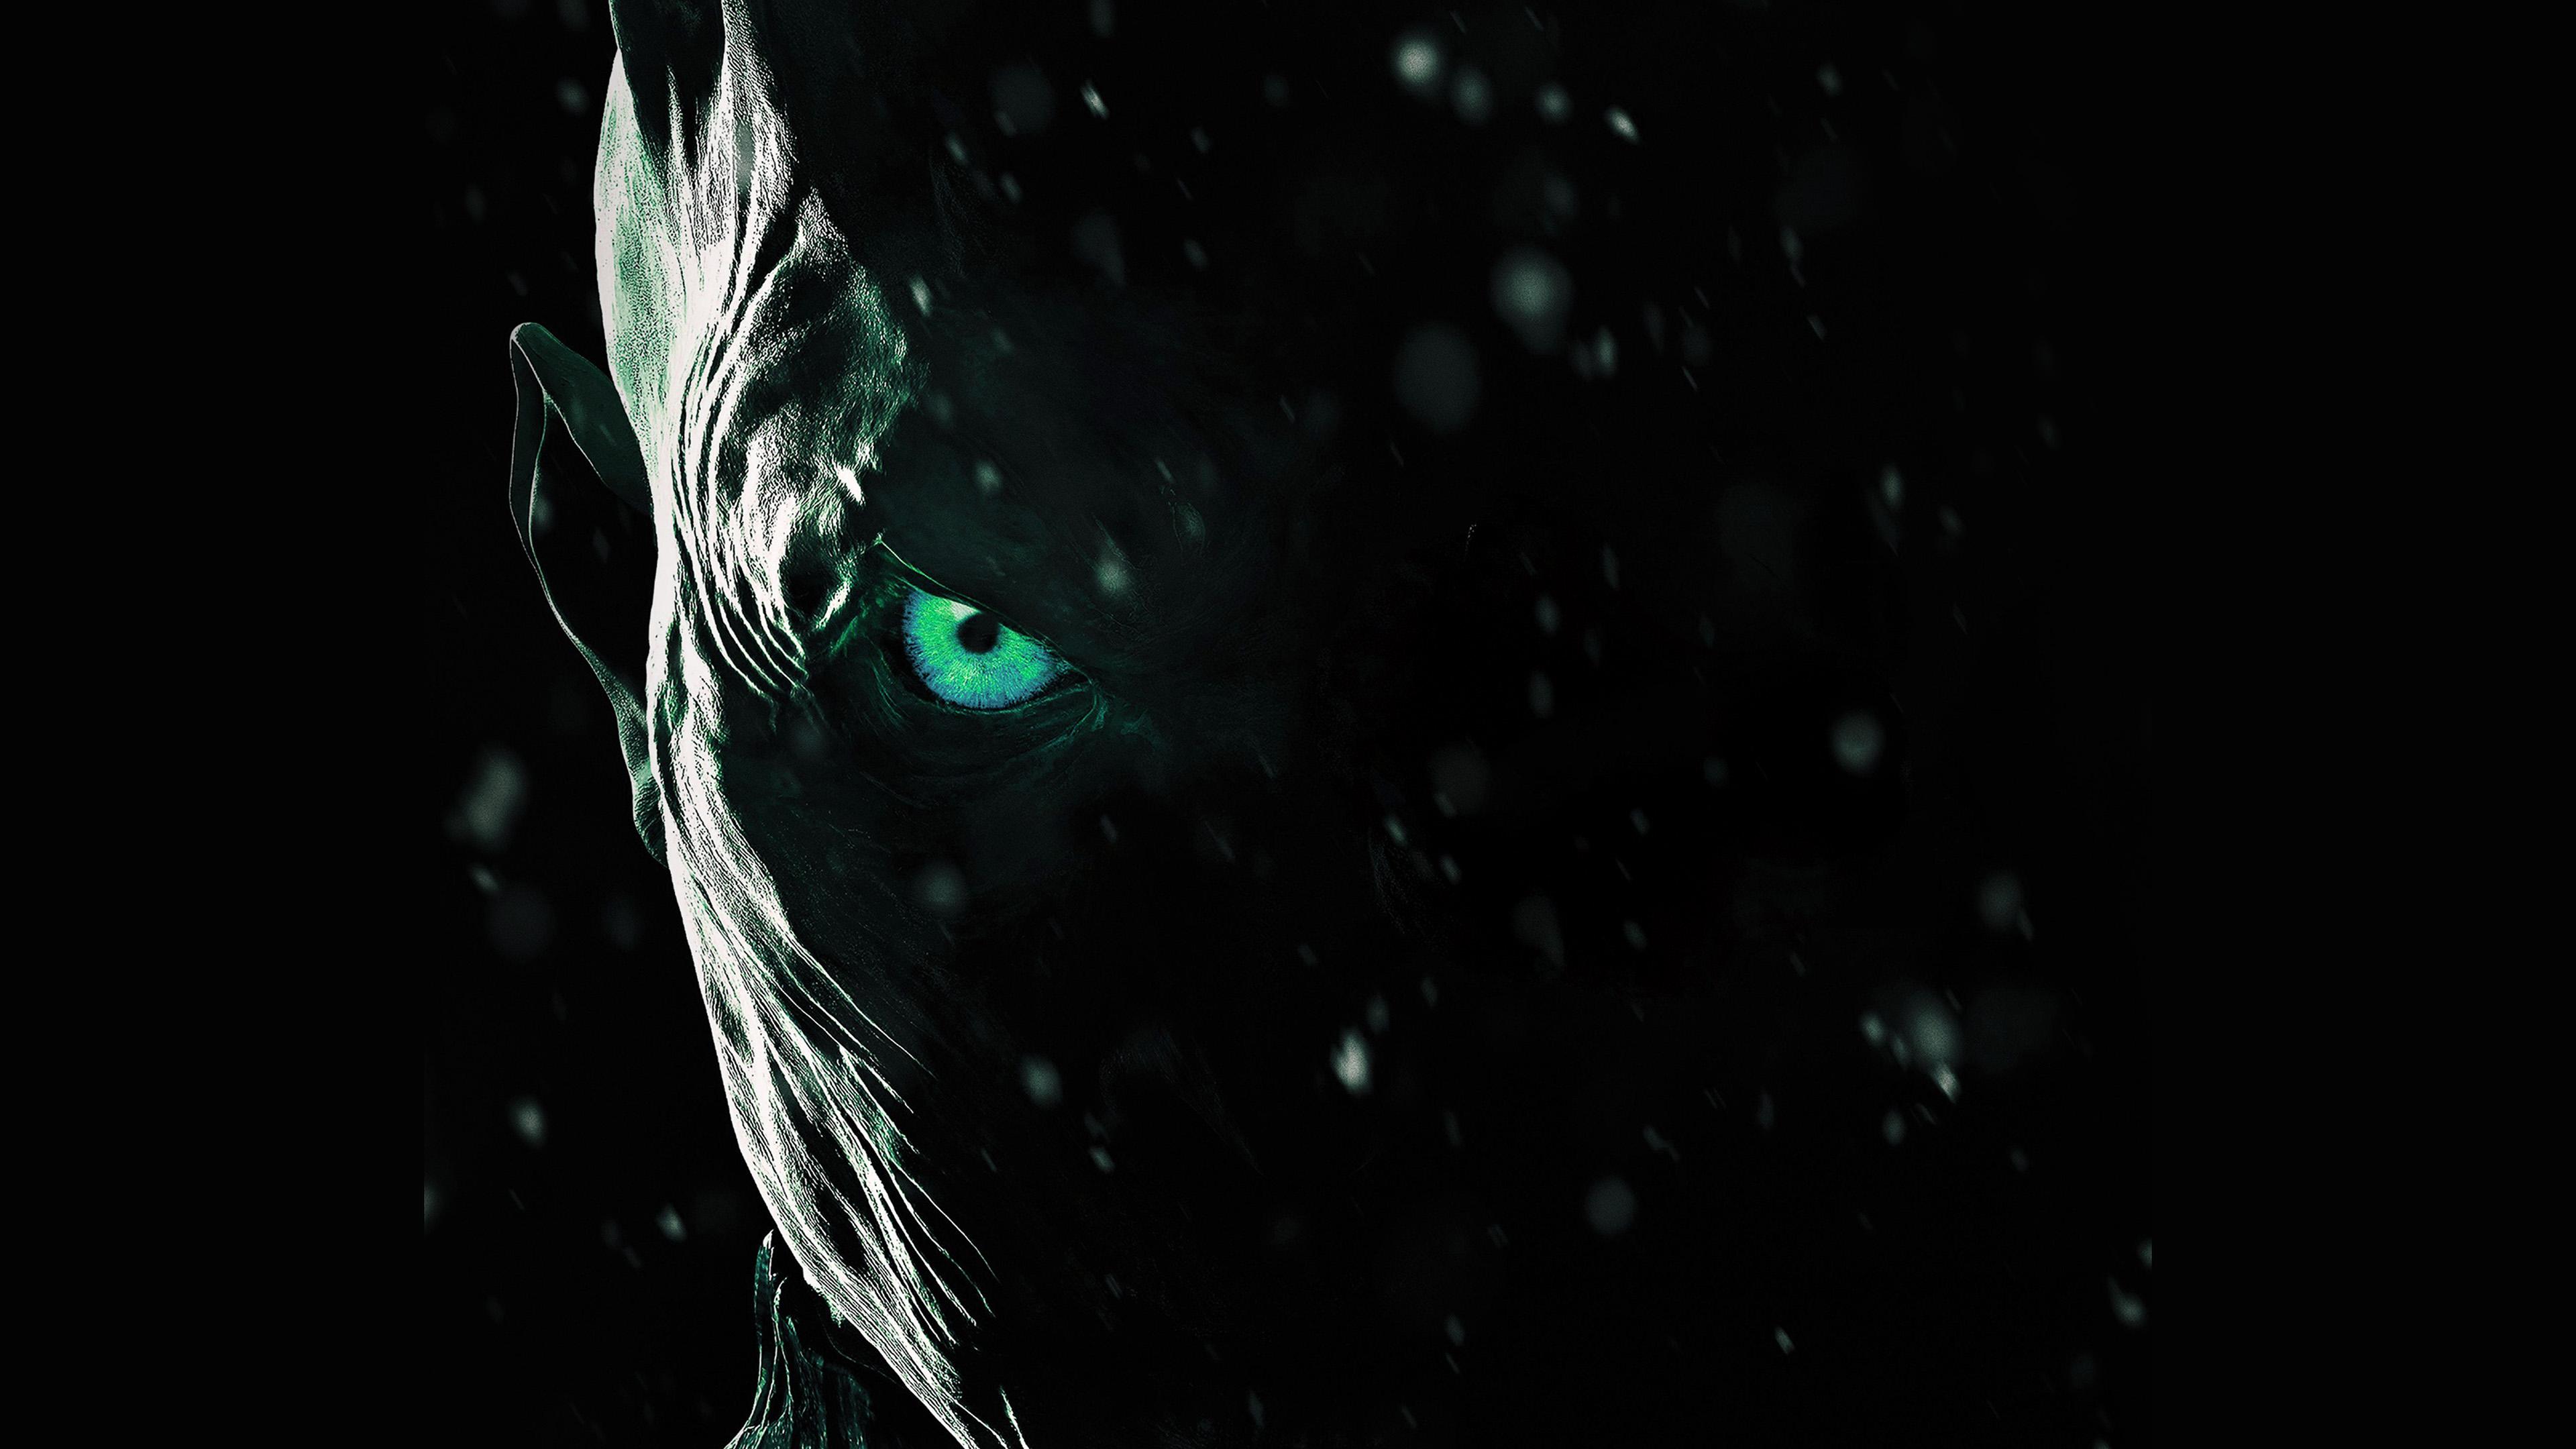 Bf23 Horror Scary Face Dark Anime Eye Art Wallpaper